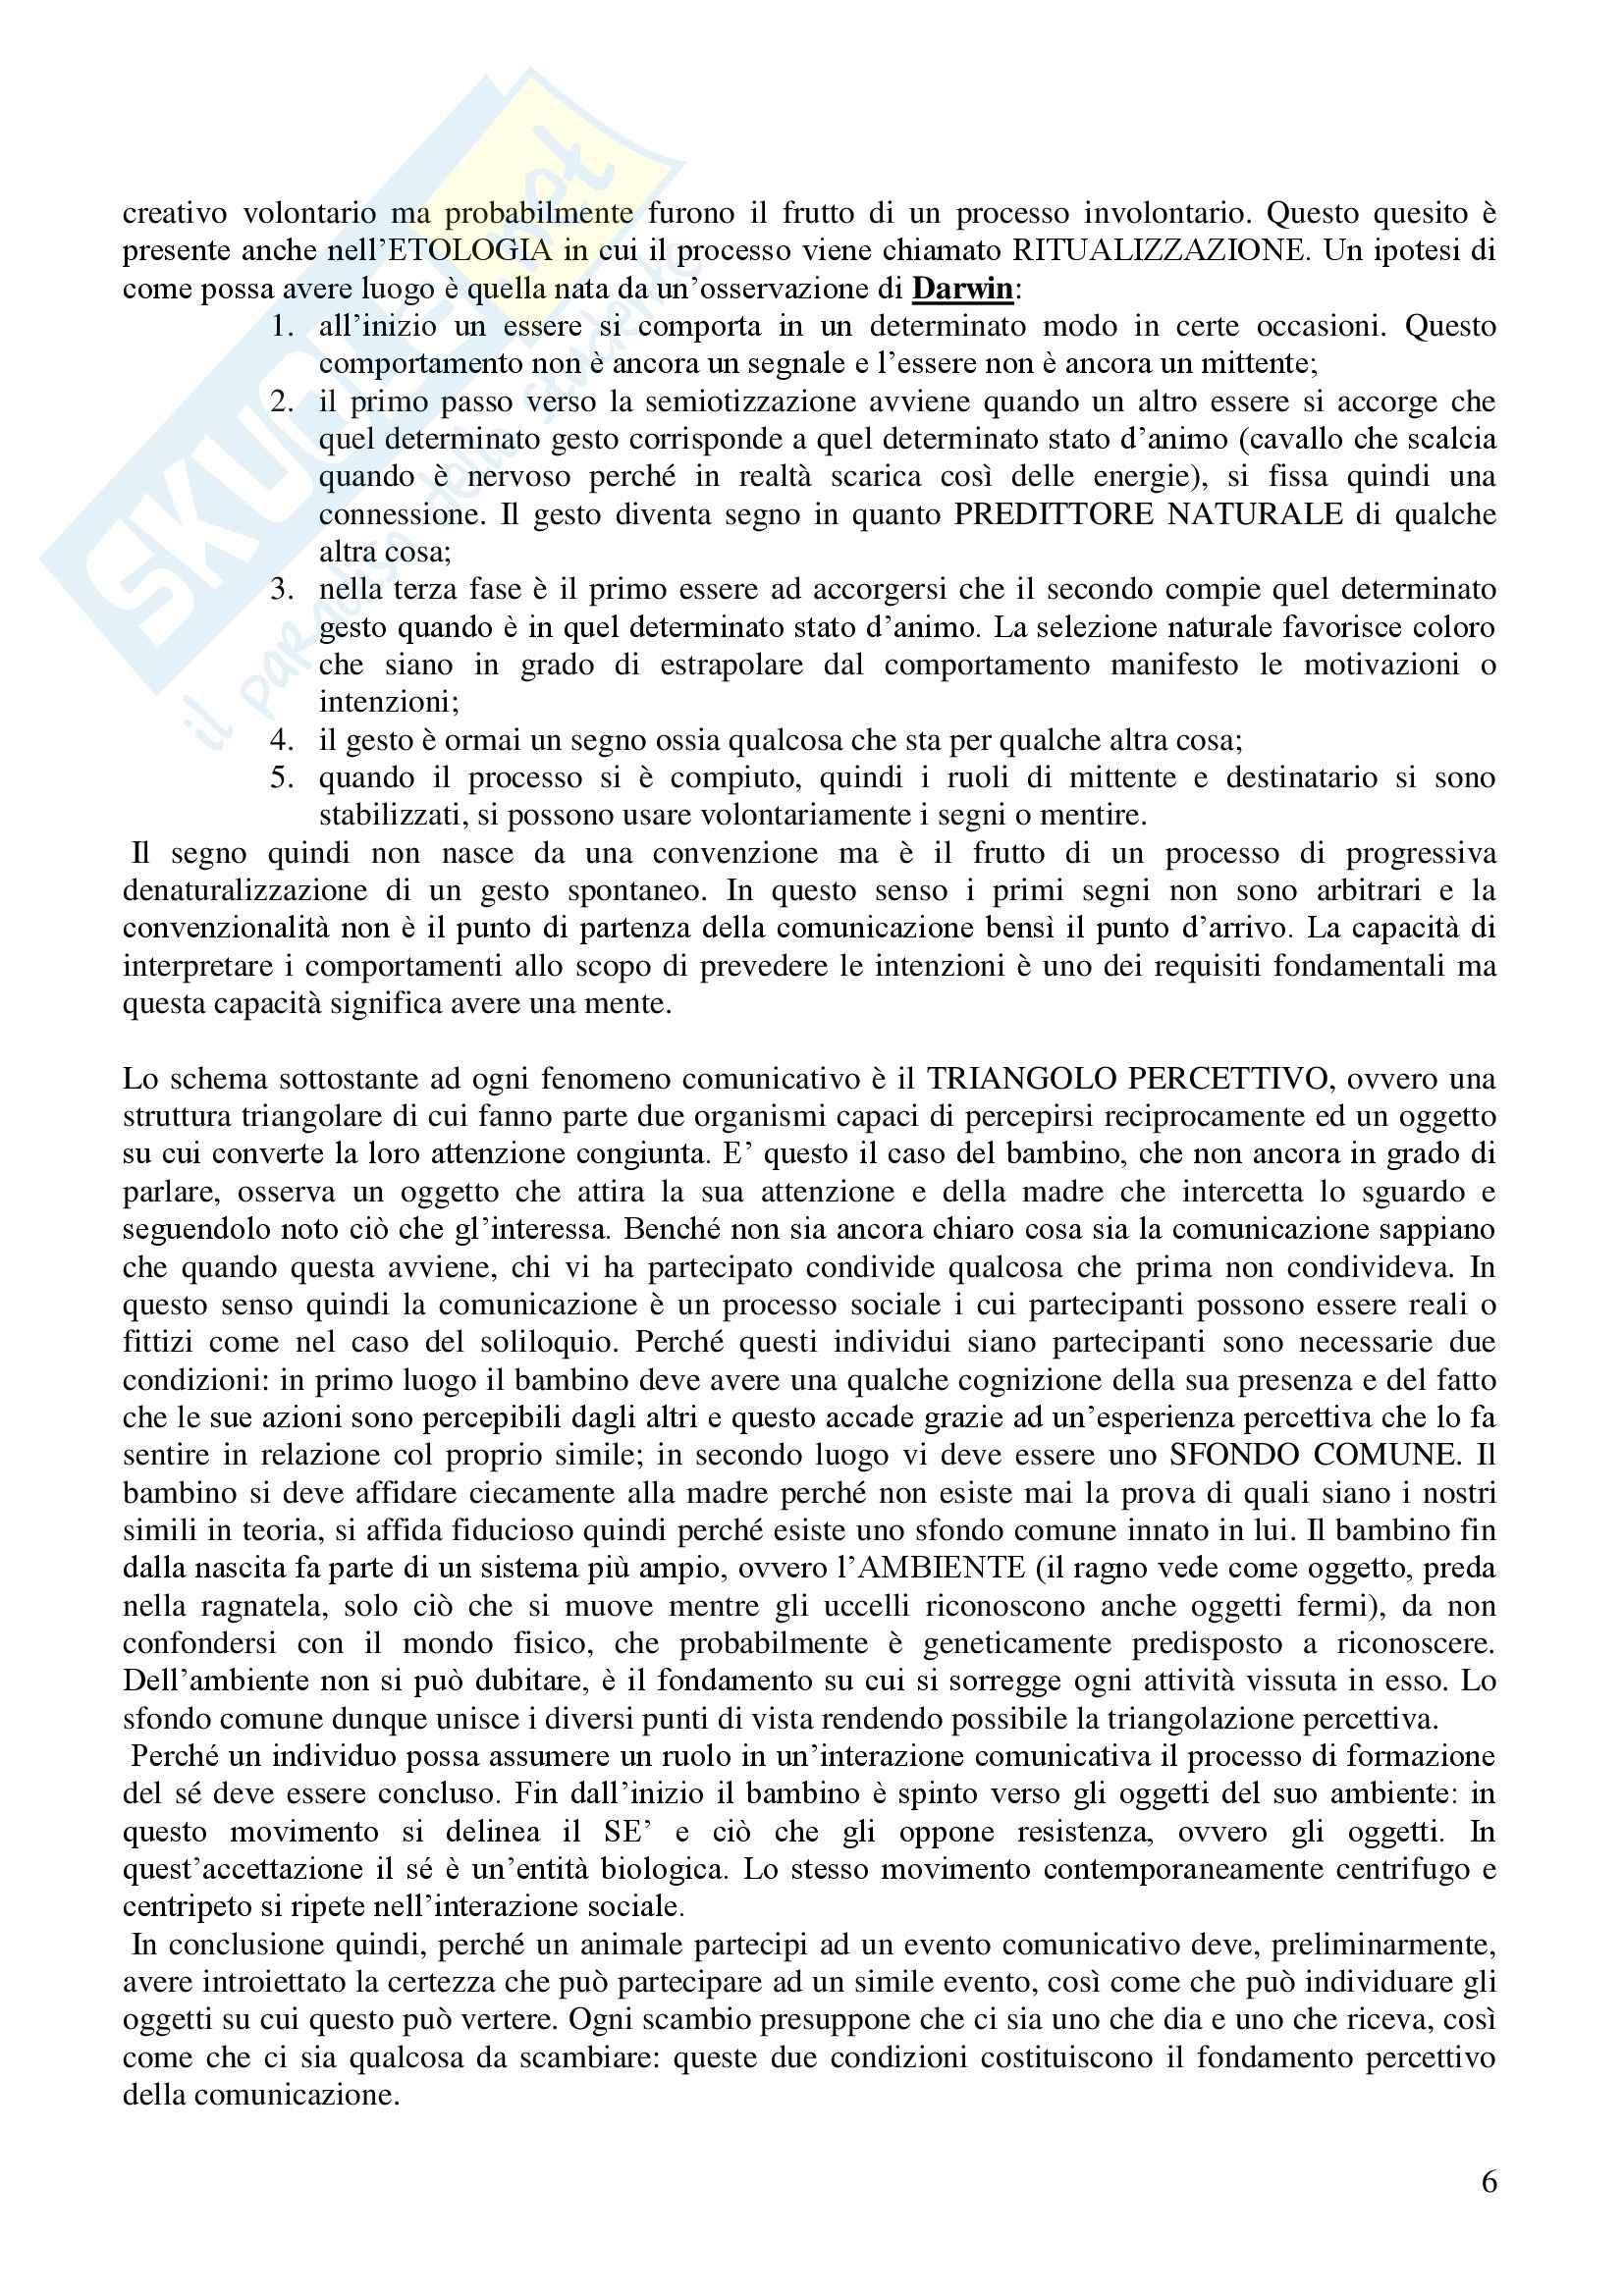 Manuale comunicazione pubblica Pag. 6